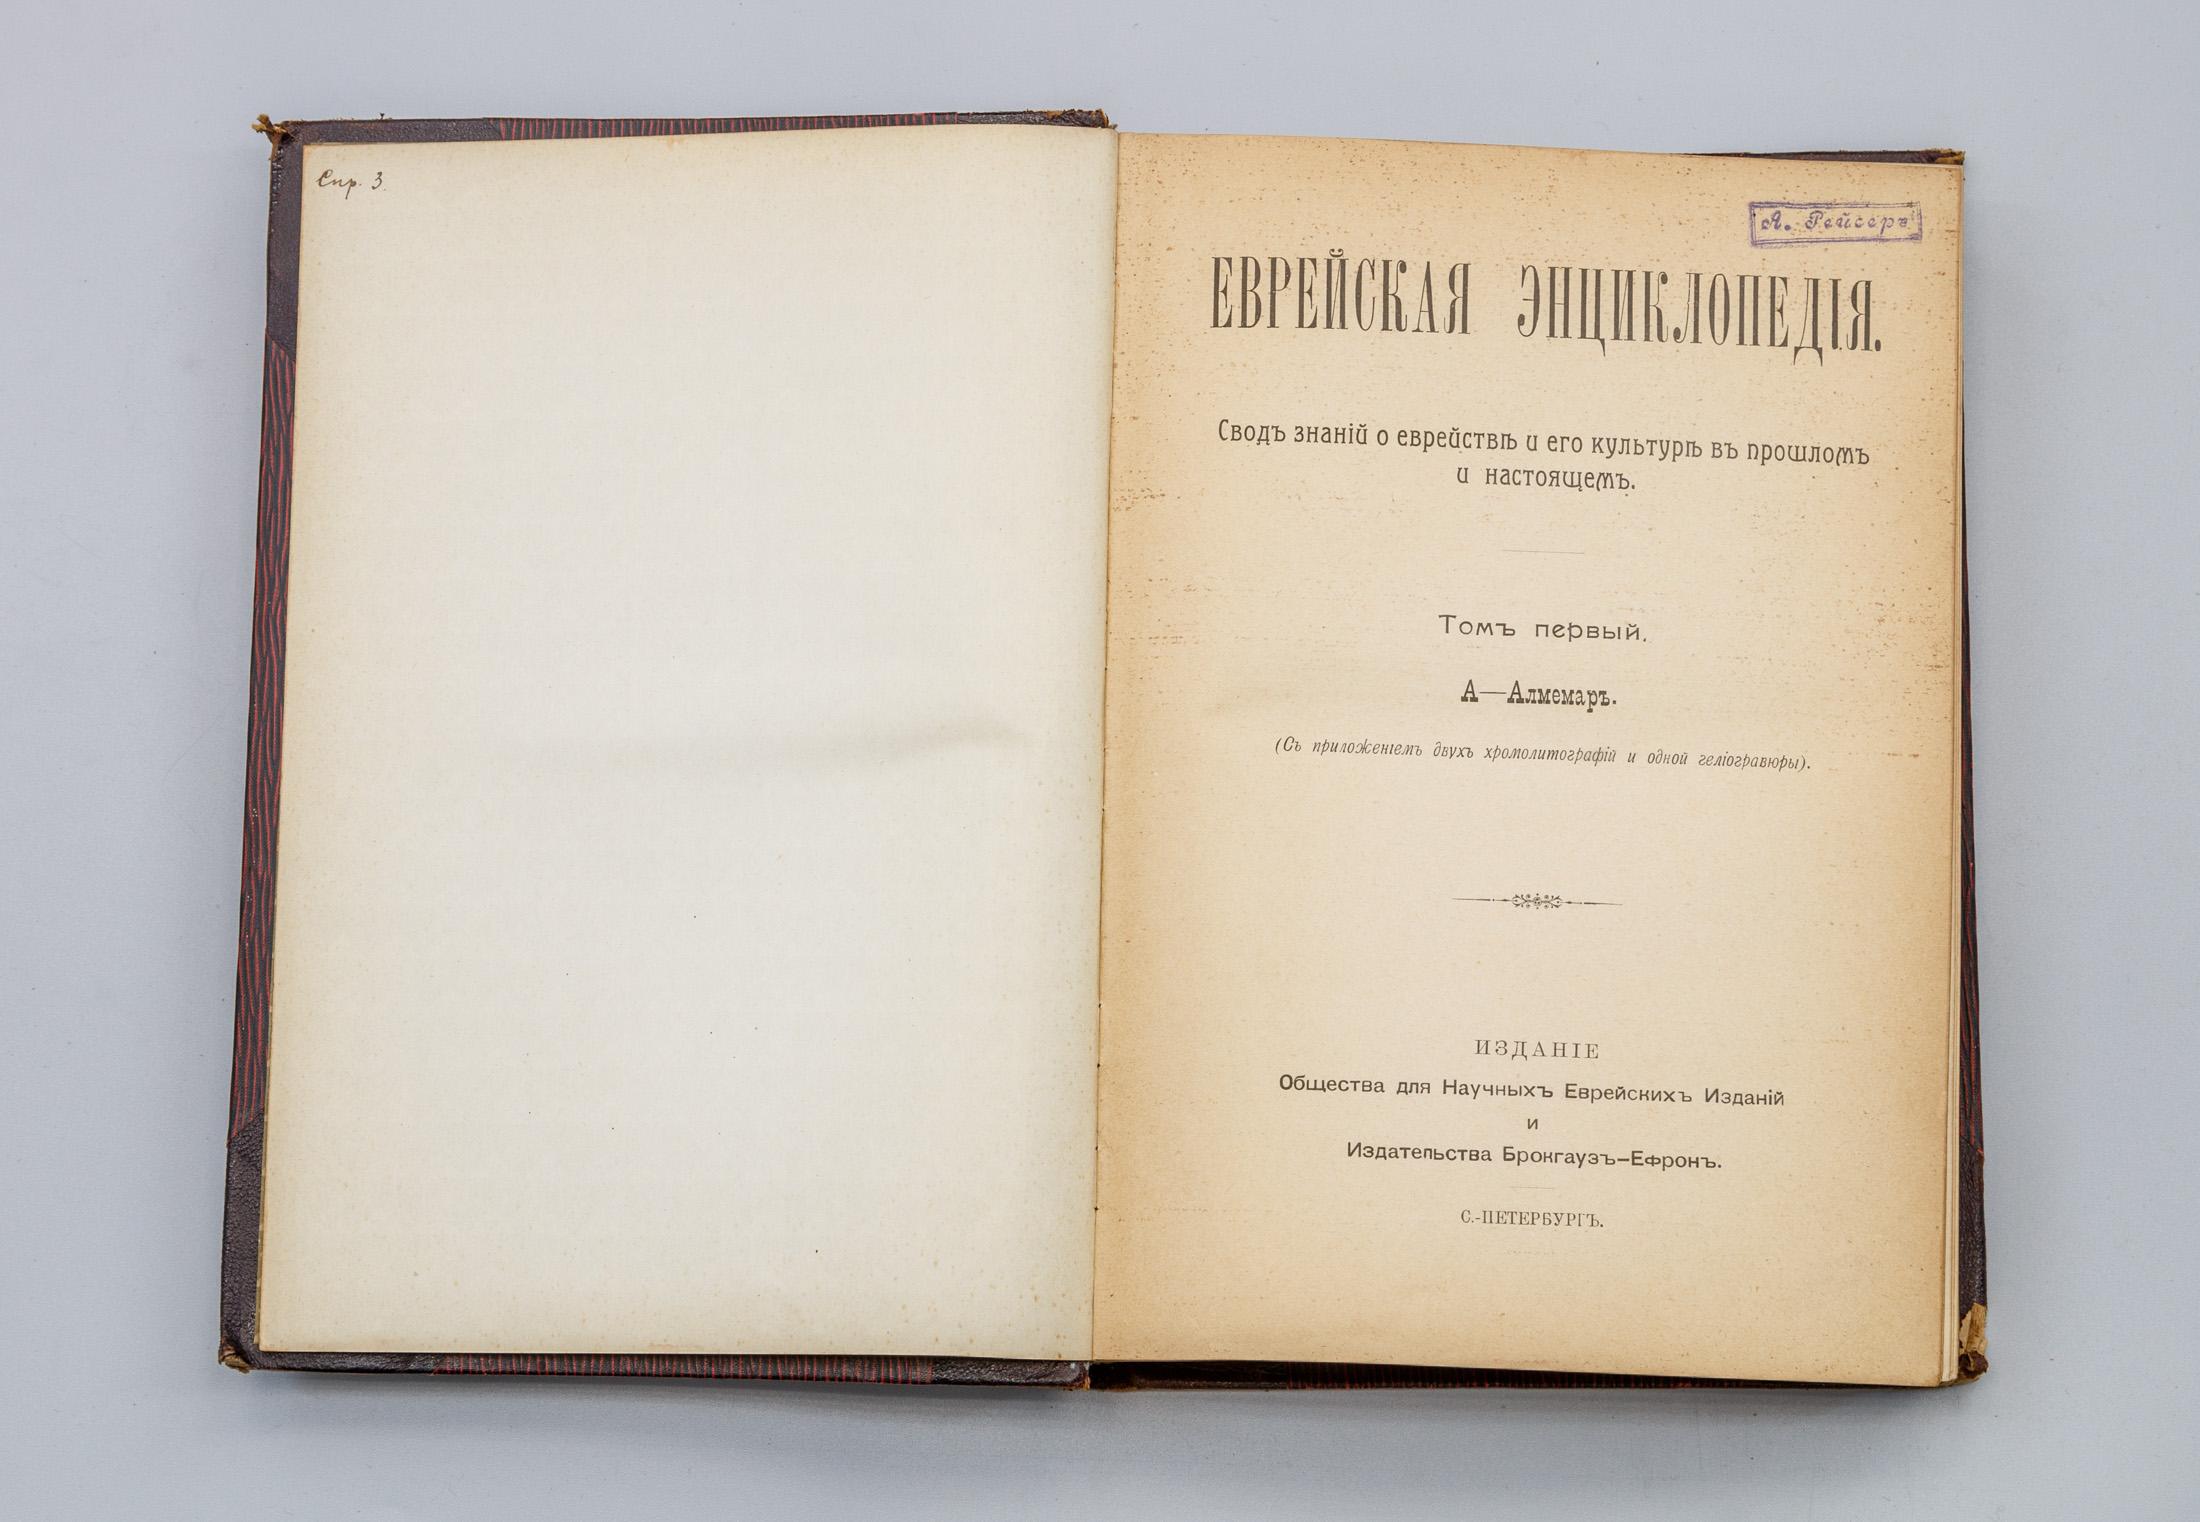 Брокгауз и Евфрон. Еврейская энциклопедия.